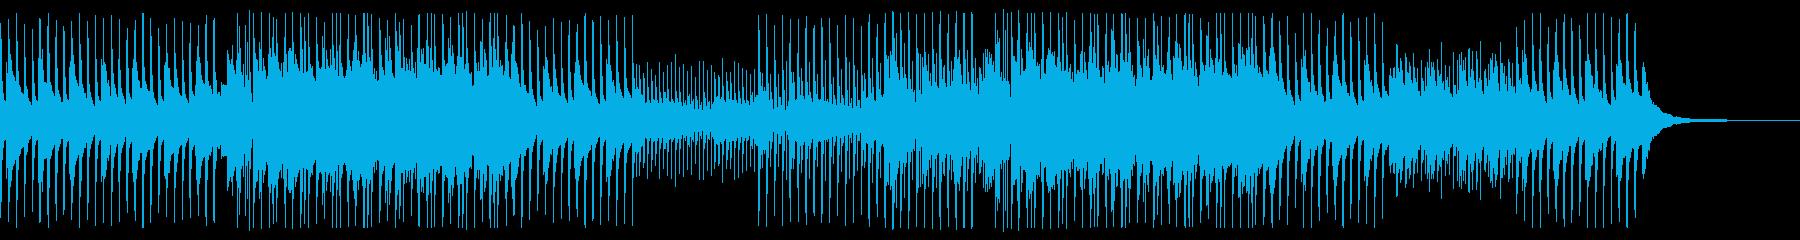 ベース無ver 朝露 ピアノ バイオリンの再生済みの波形